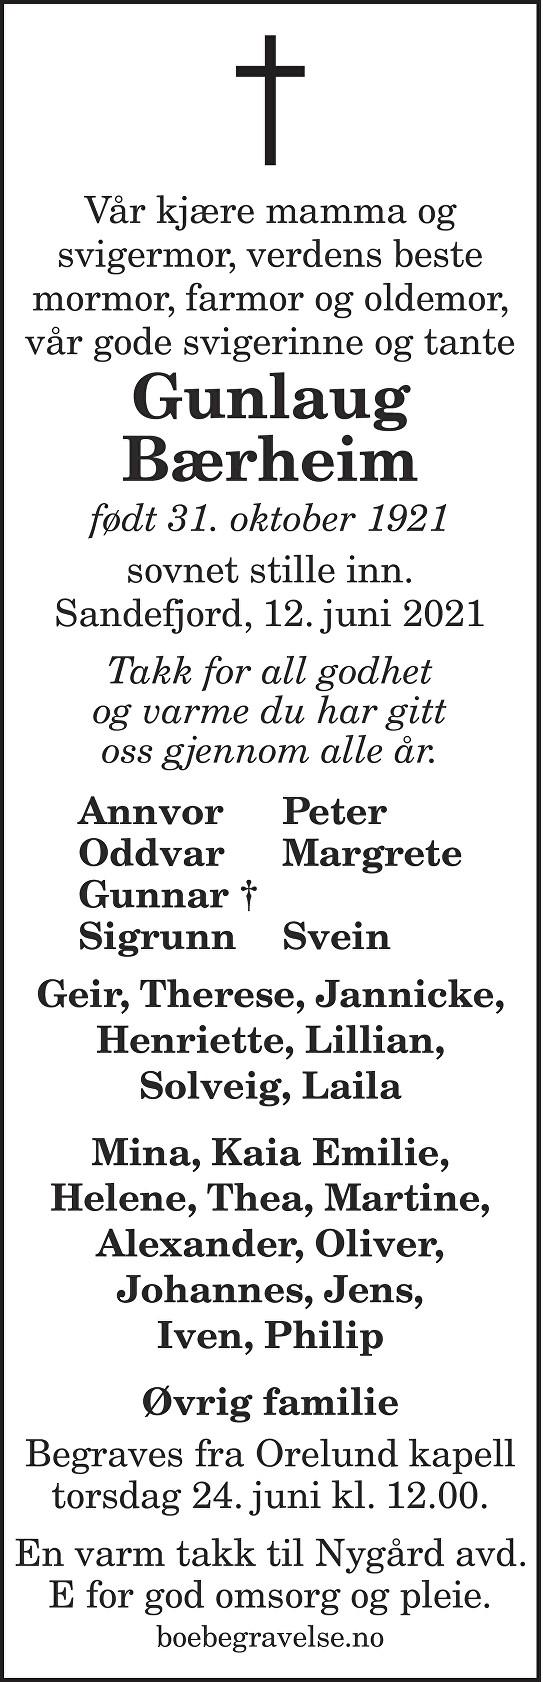 Gunlaug Bærheim Dødsannonse